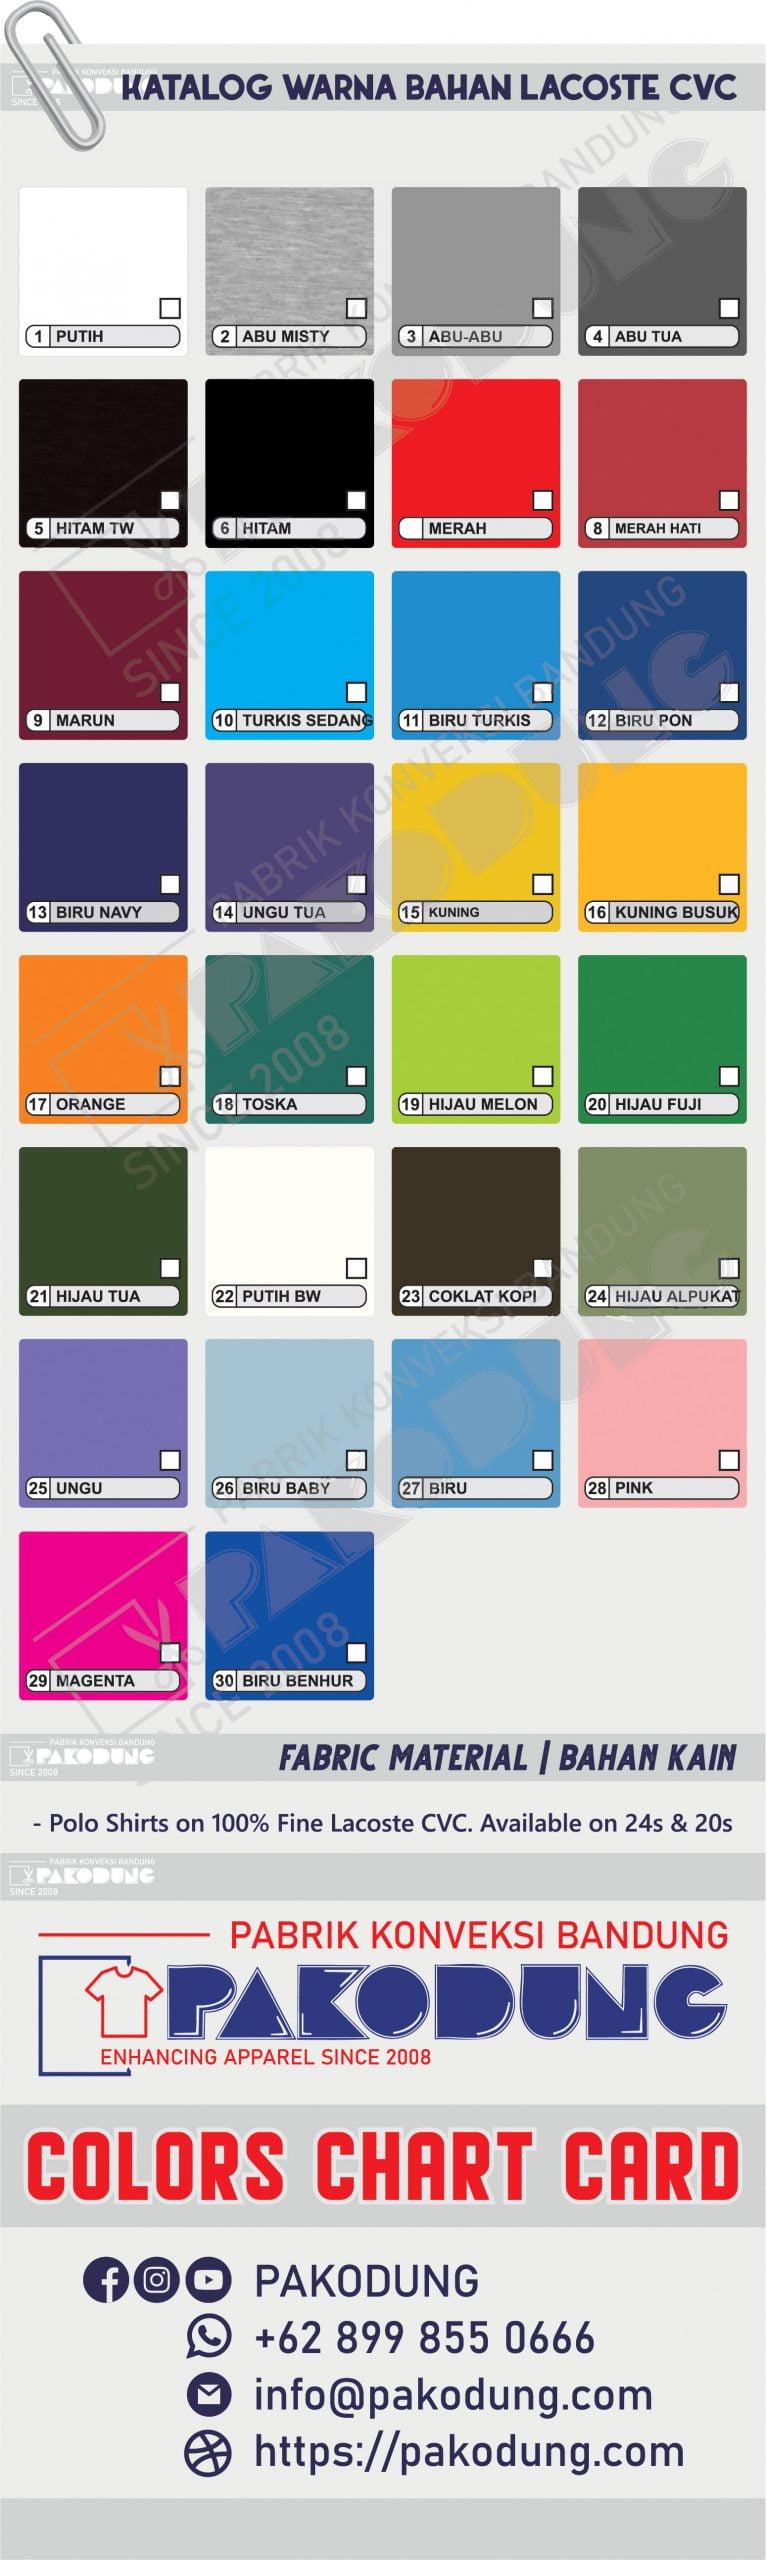 katalog warna bahan lacoste pakodung